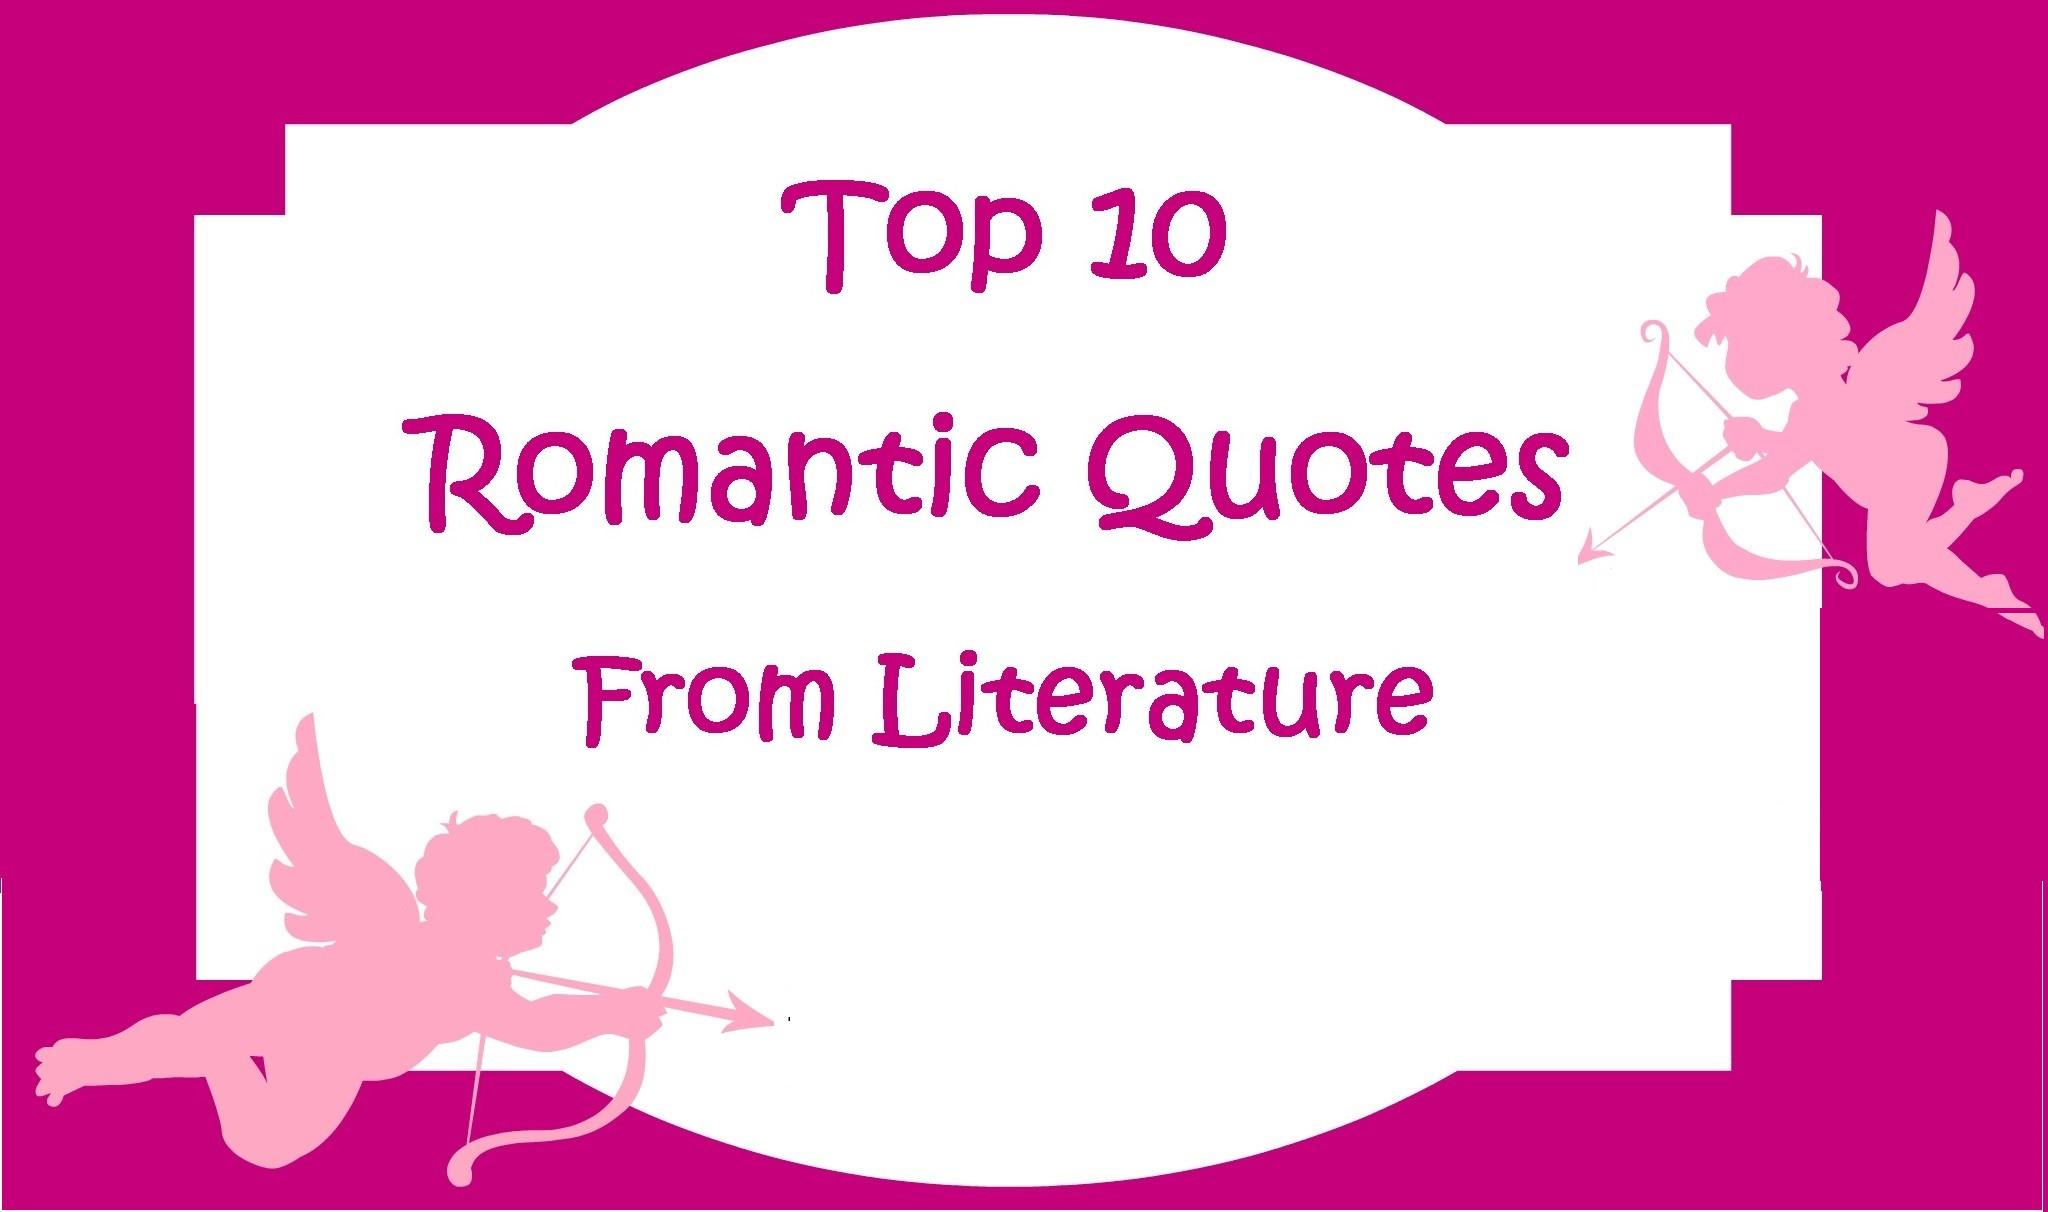 Famous Romantic Quotes  Top 10 Love Quotes QuotesGram